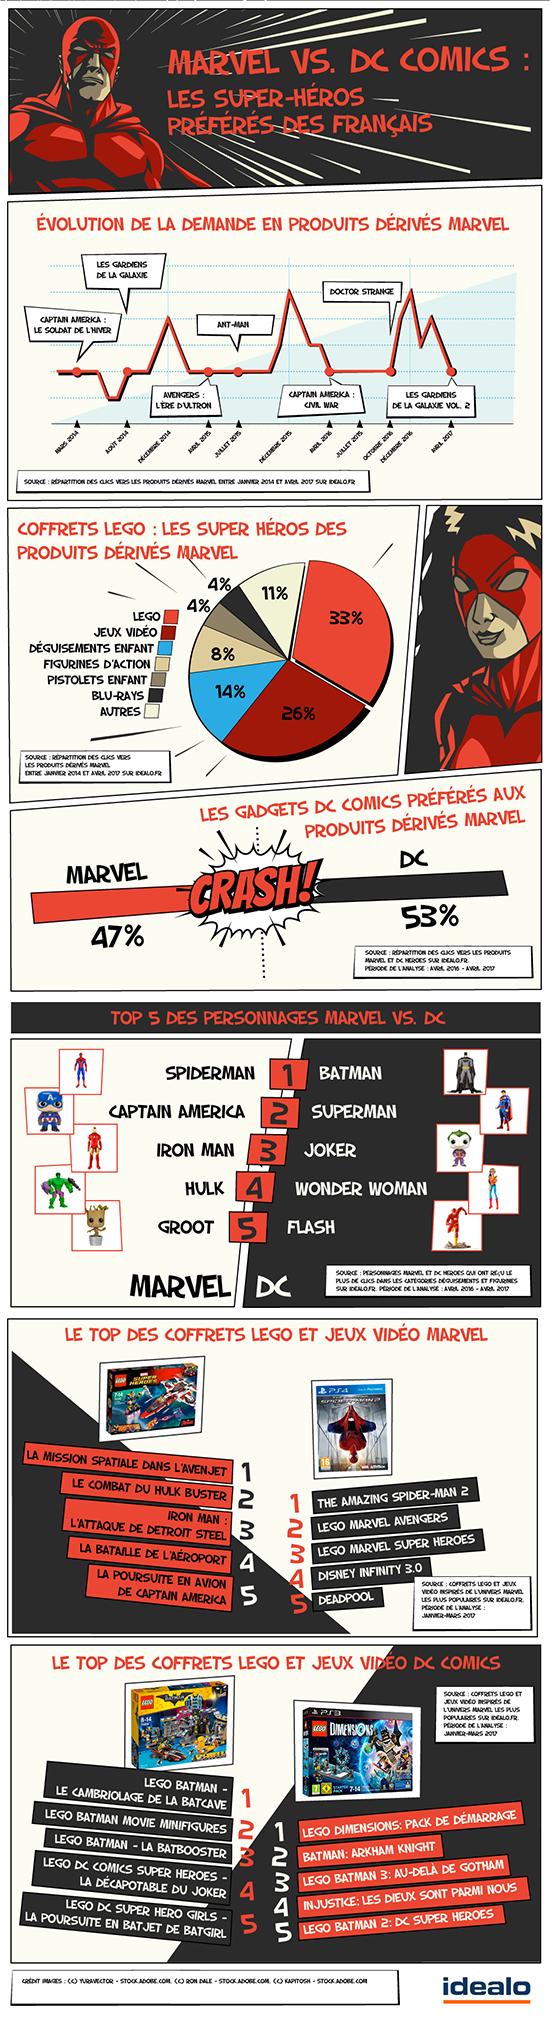 infographie_marvel_idealo.jpg